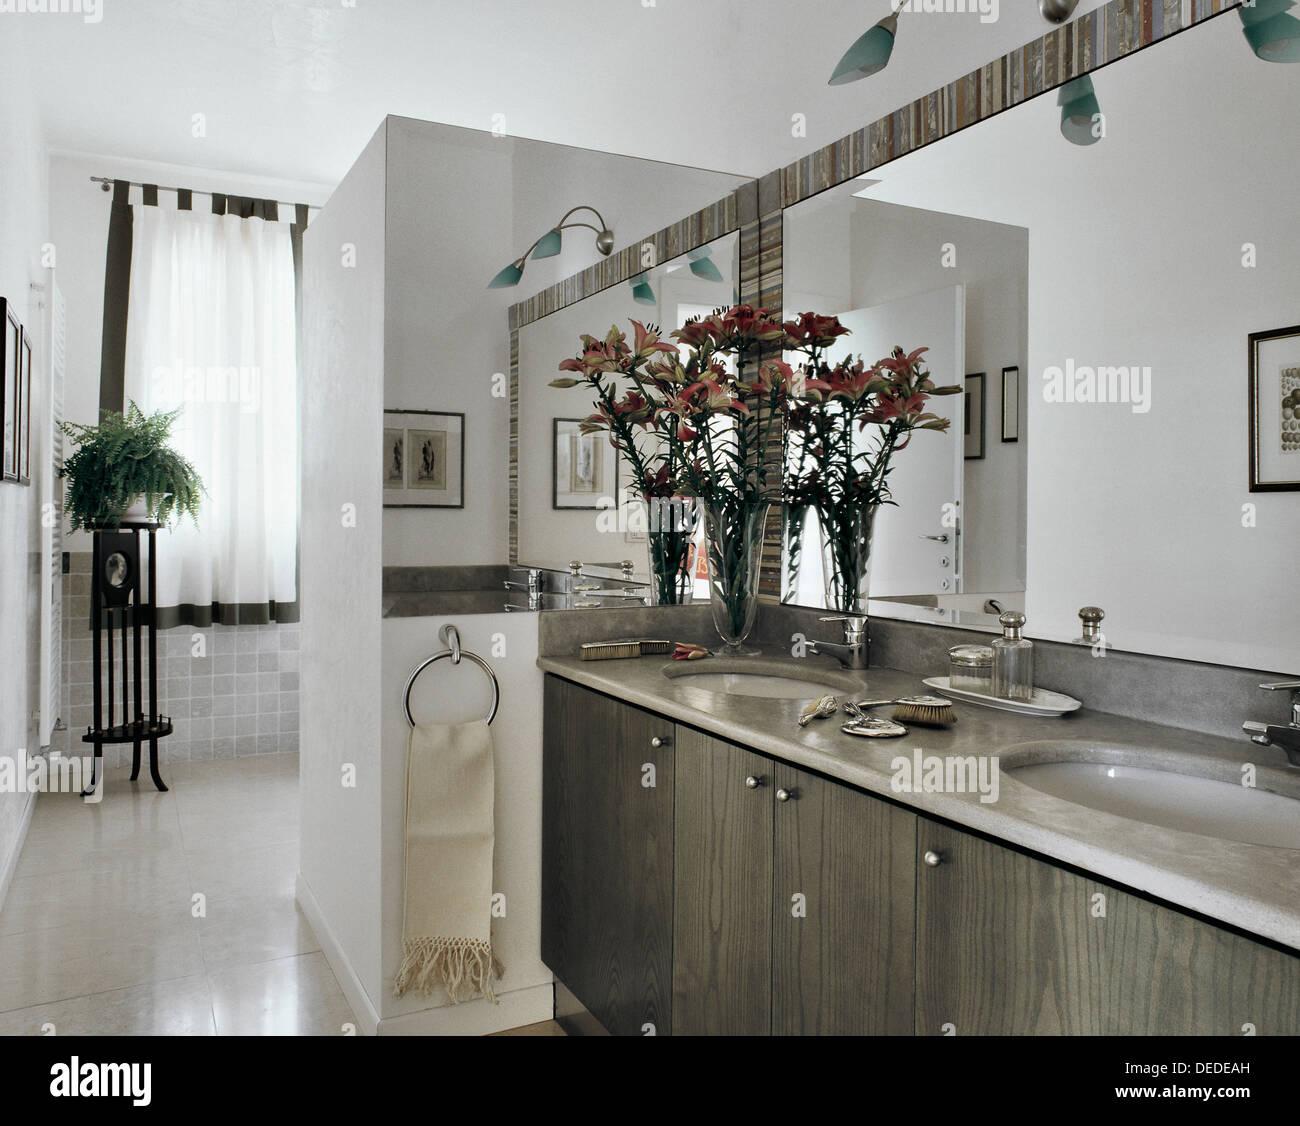 modernes Badezimmer mit Marmor und Vase mit Blumen Stockfoto, Bild ...